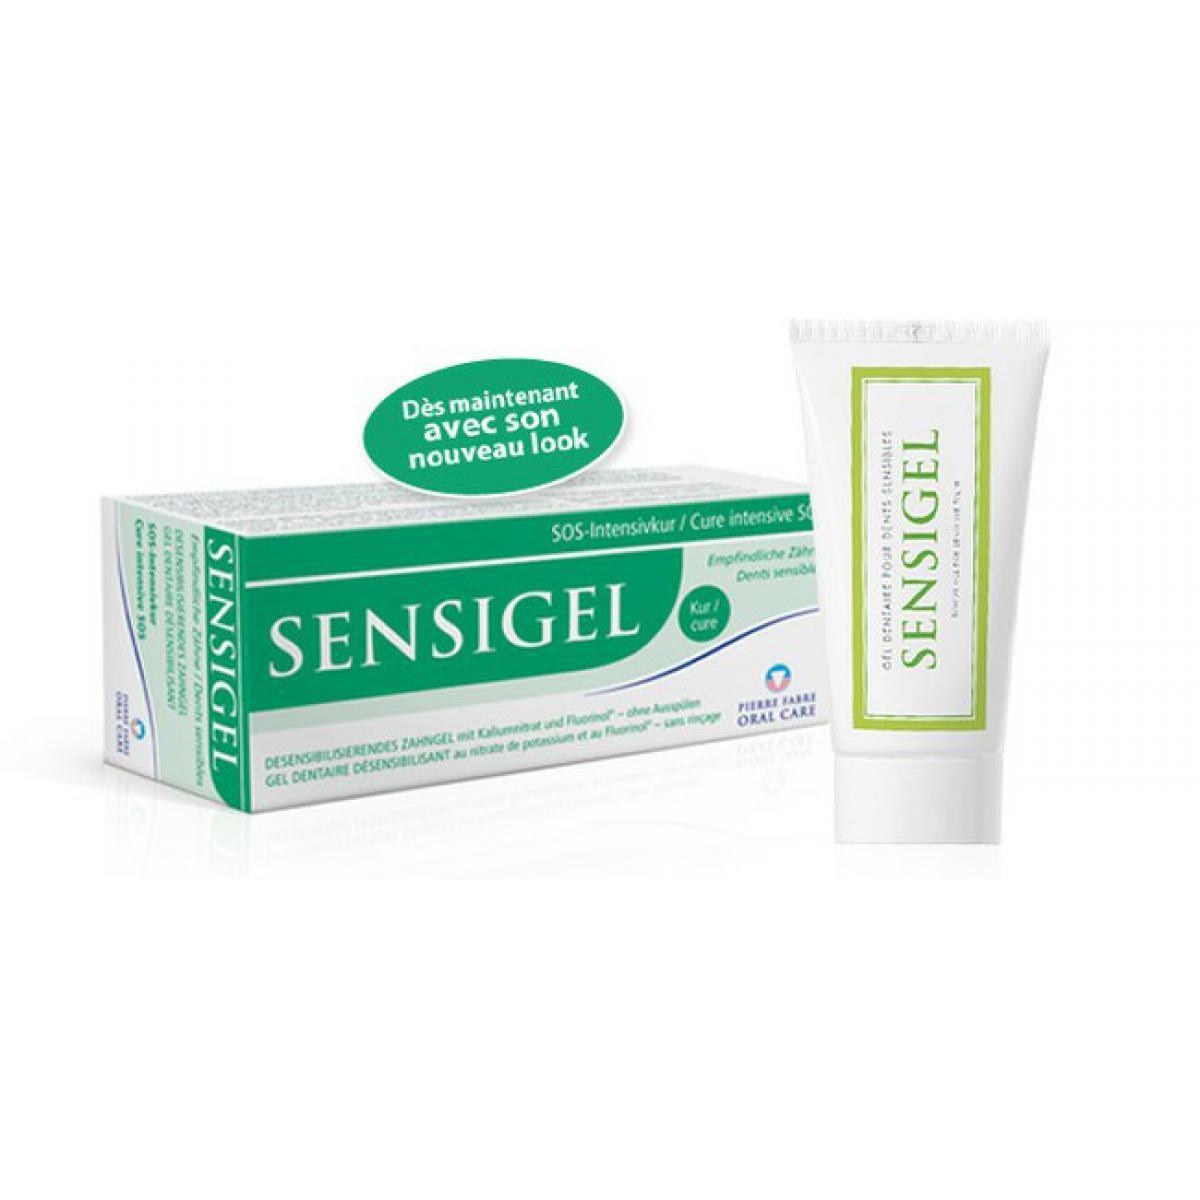 sensigel